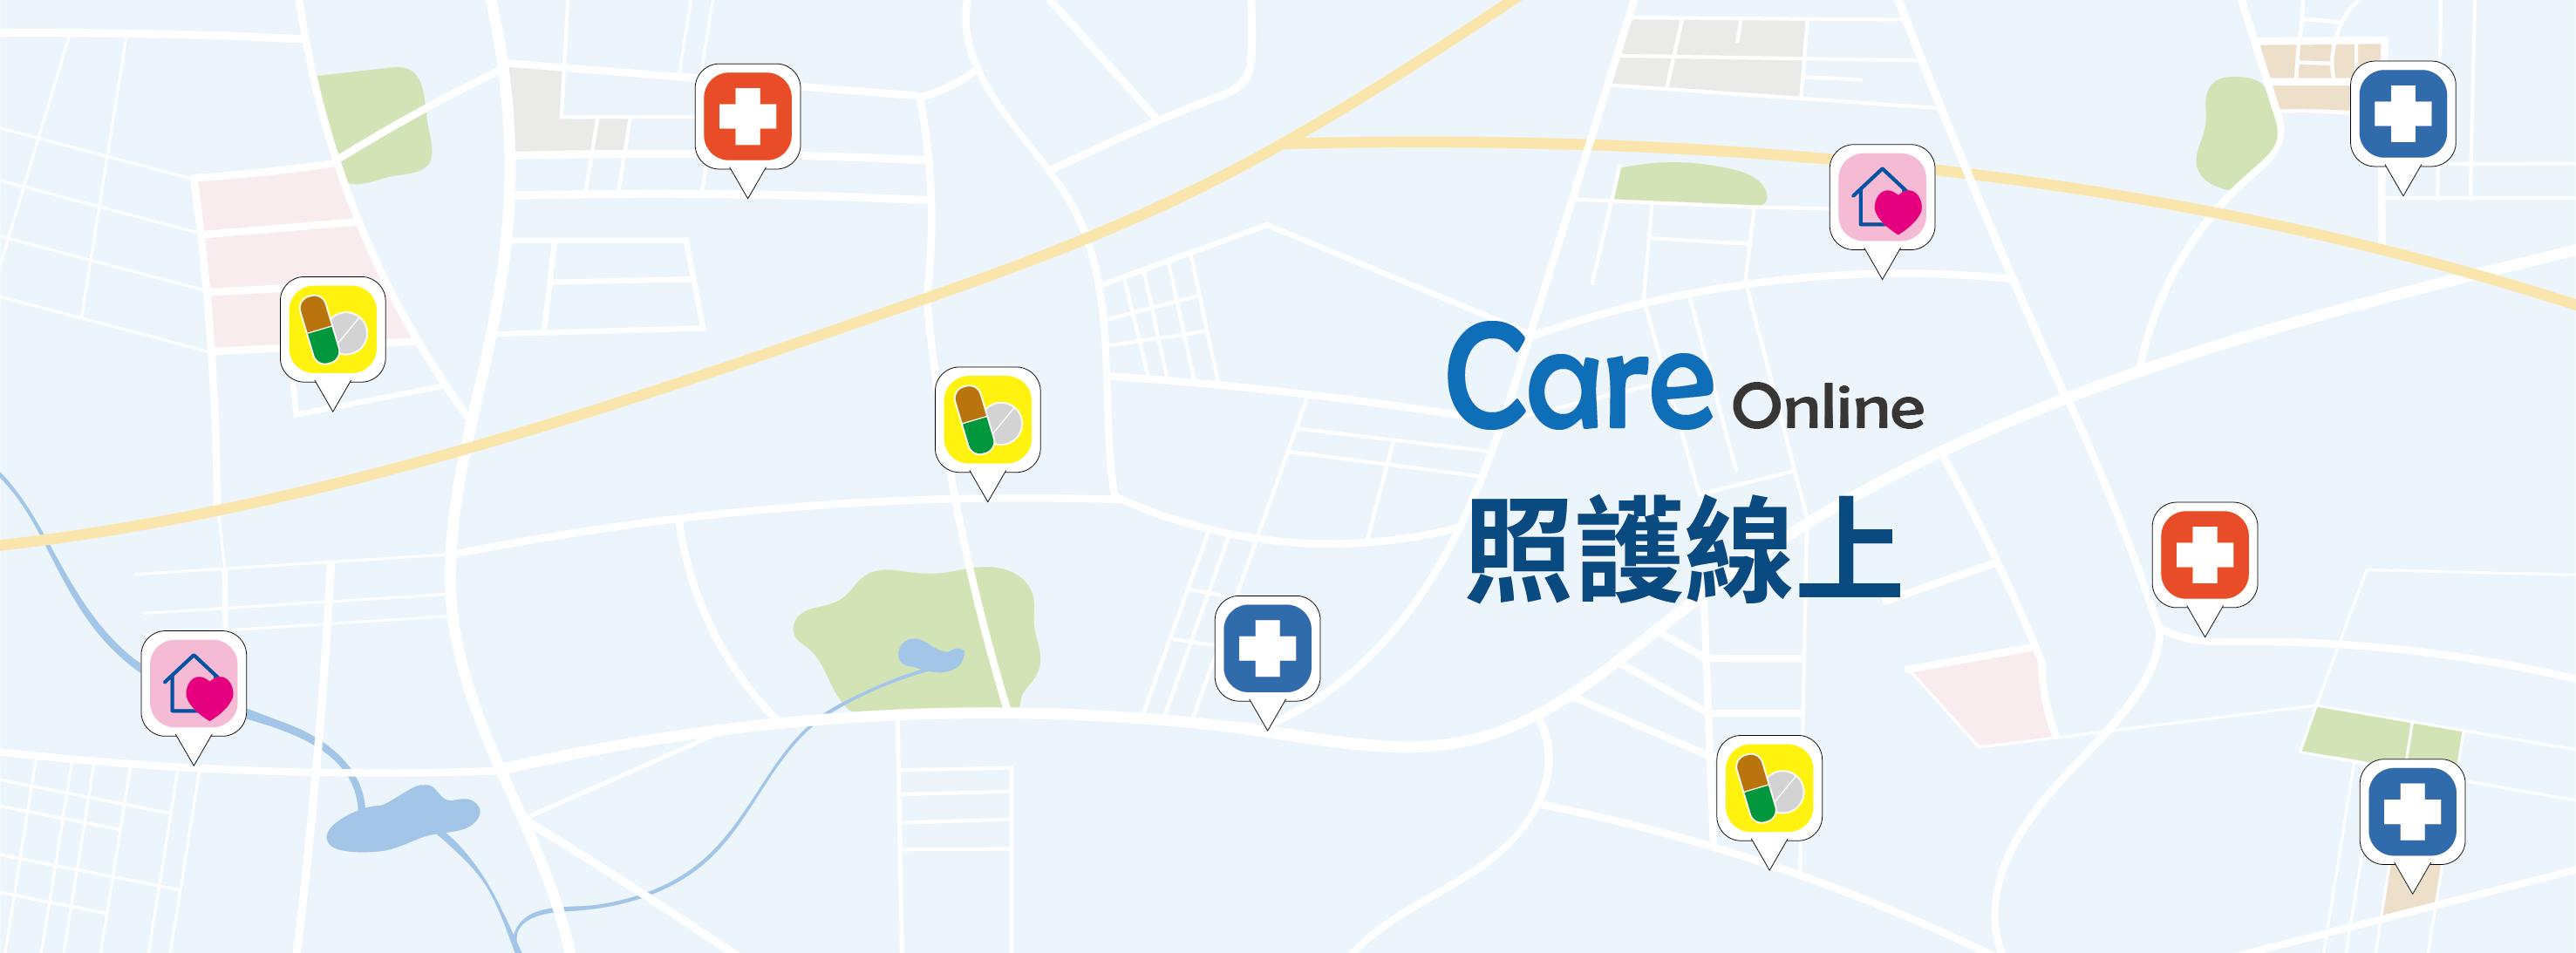 照護線上,台灣優良醫療媒體,一指輕鬆掛號,隨時接收最新知識 6